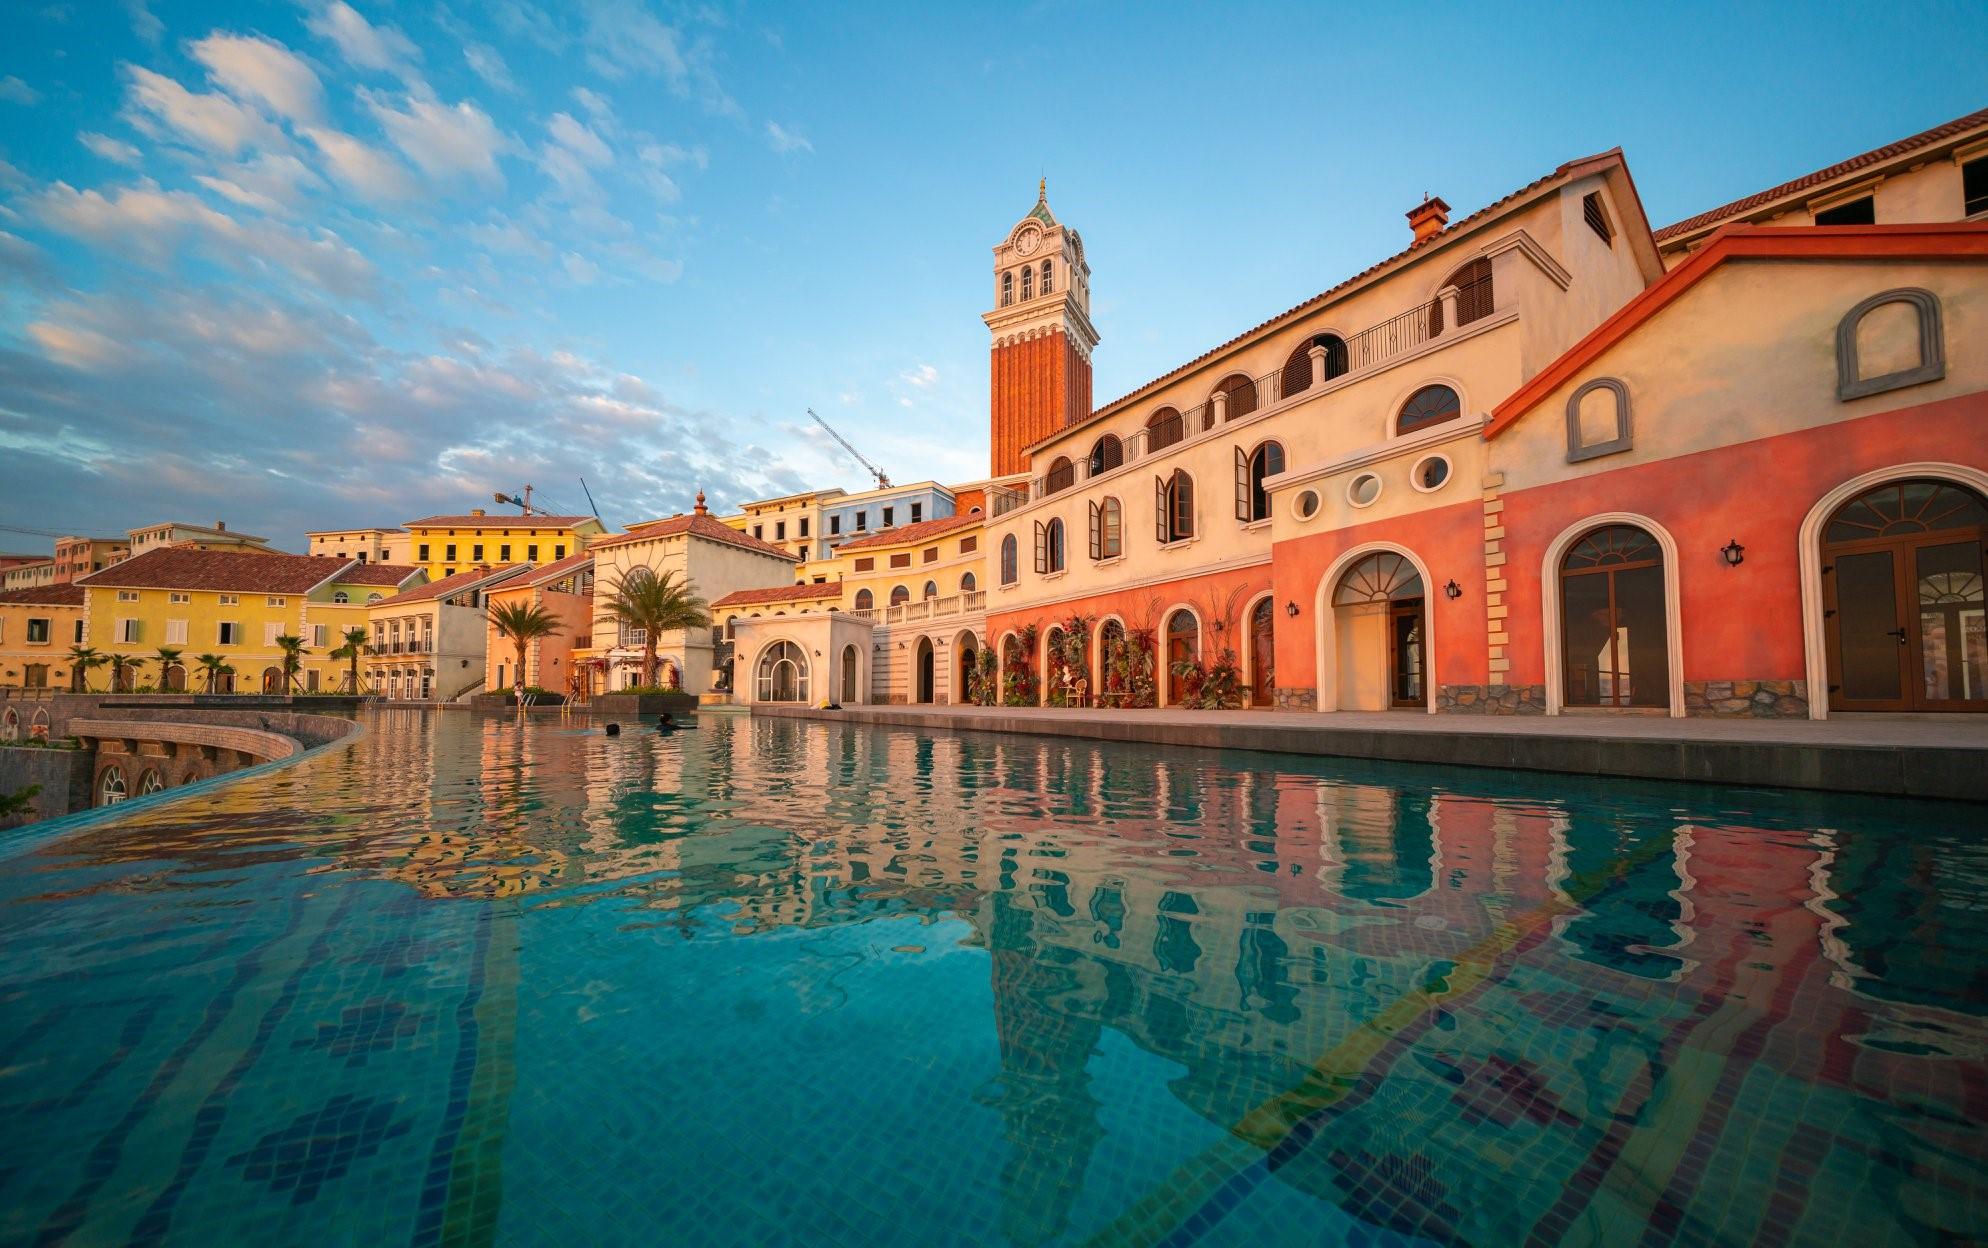 Một góc của Thị trấn Địa Trung Hải tại Nam Đảo Ngọc Phú Quốc